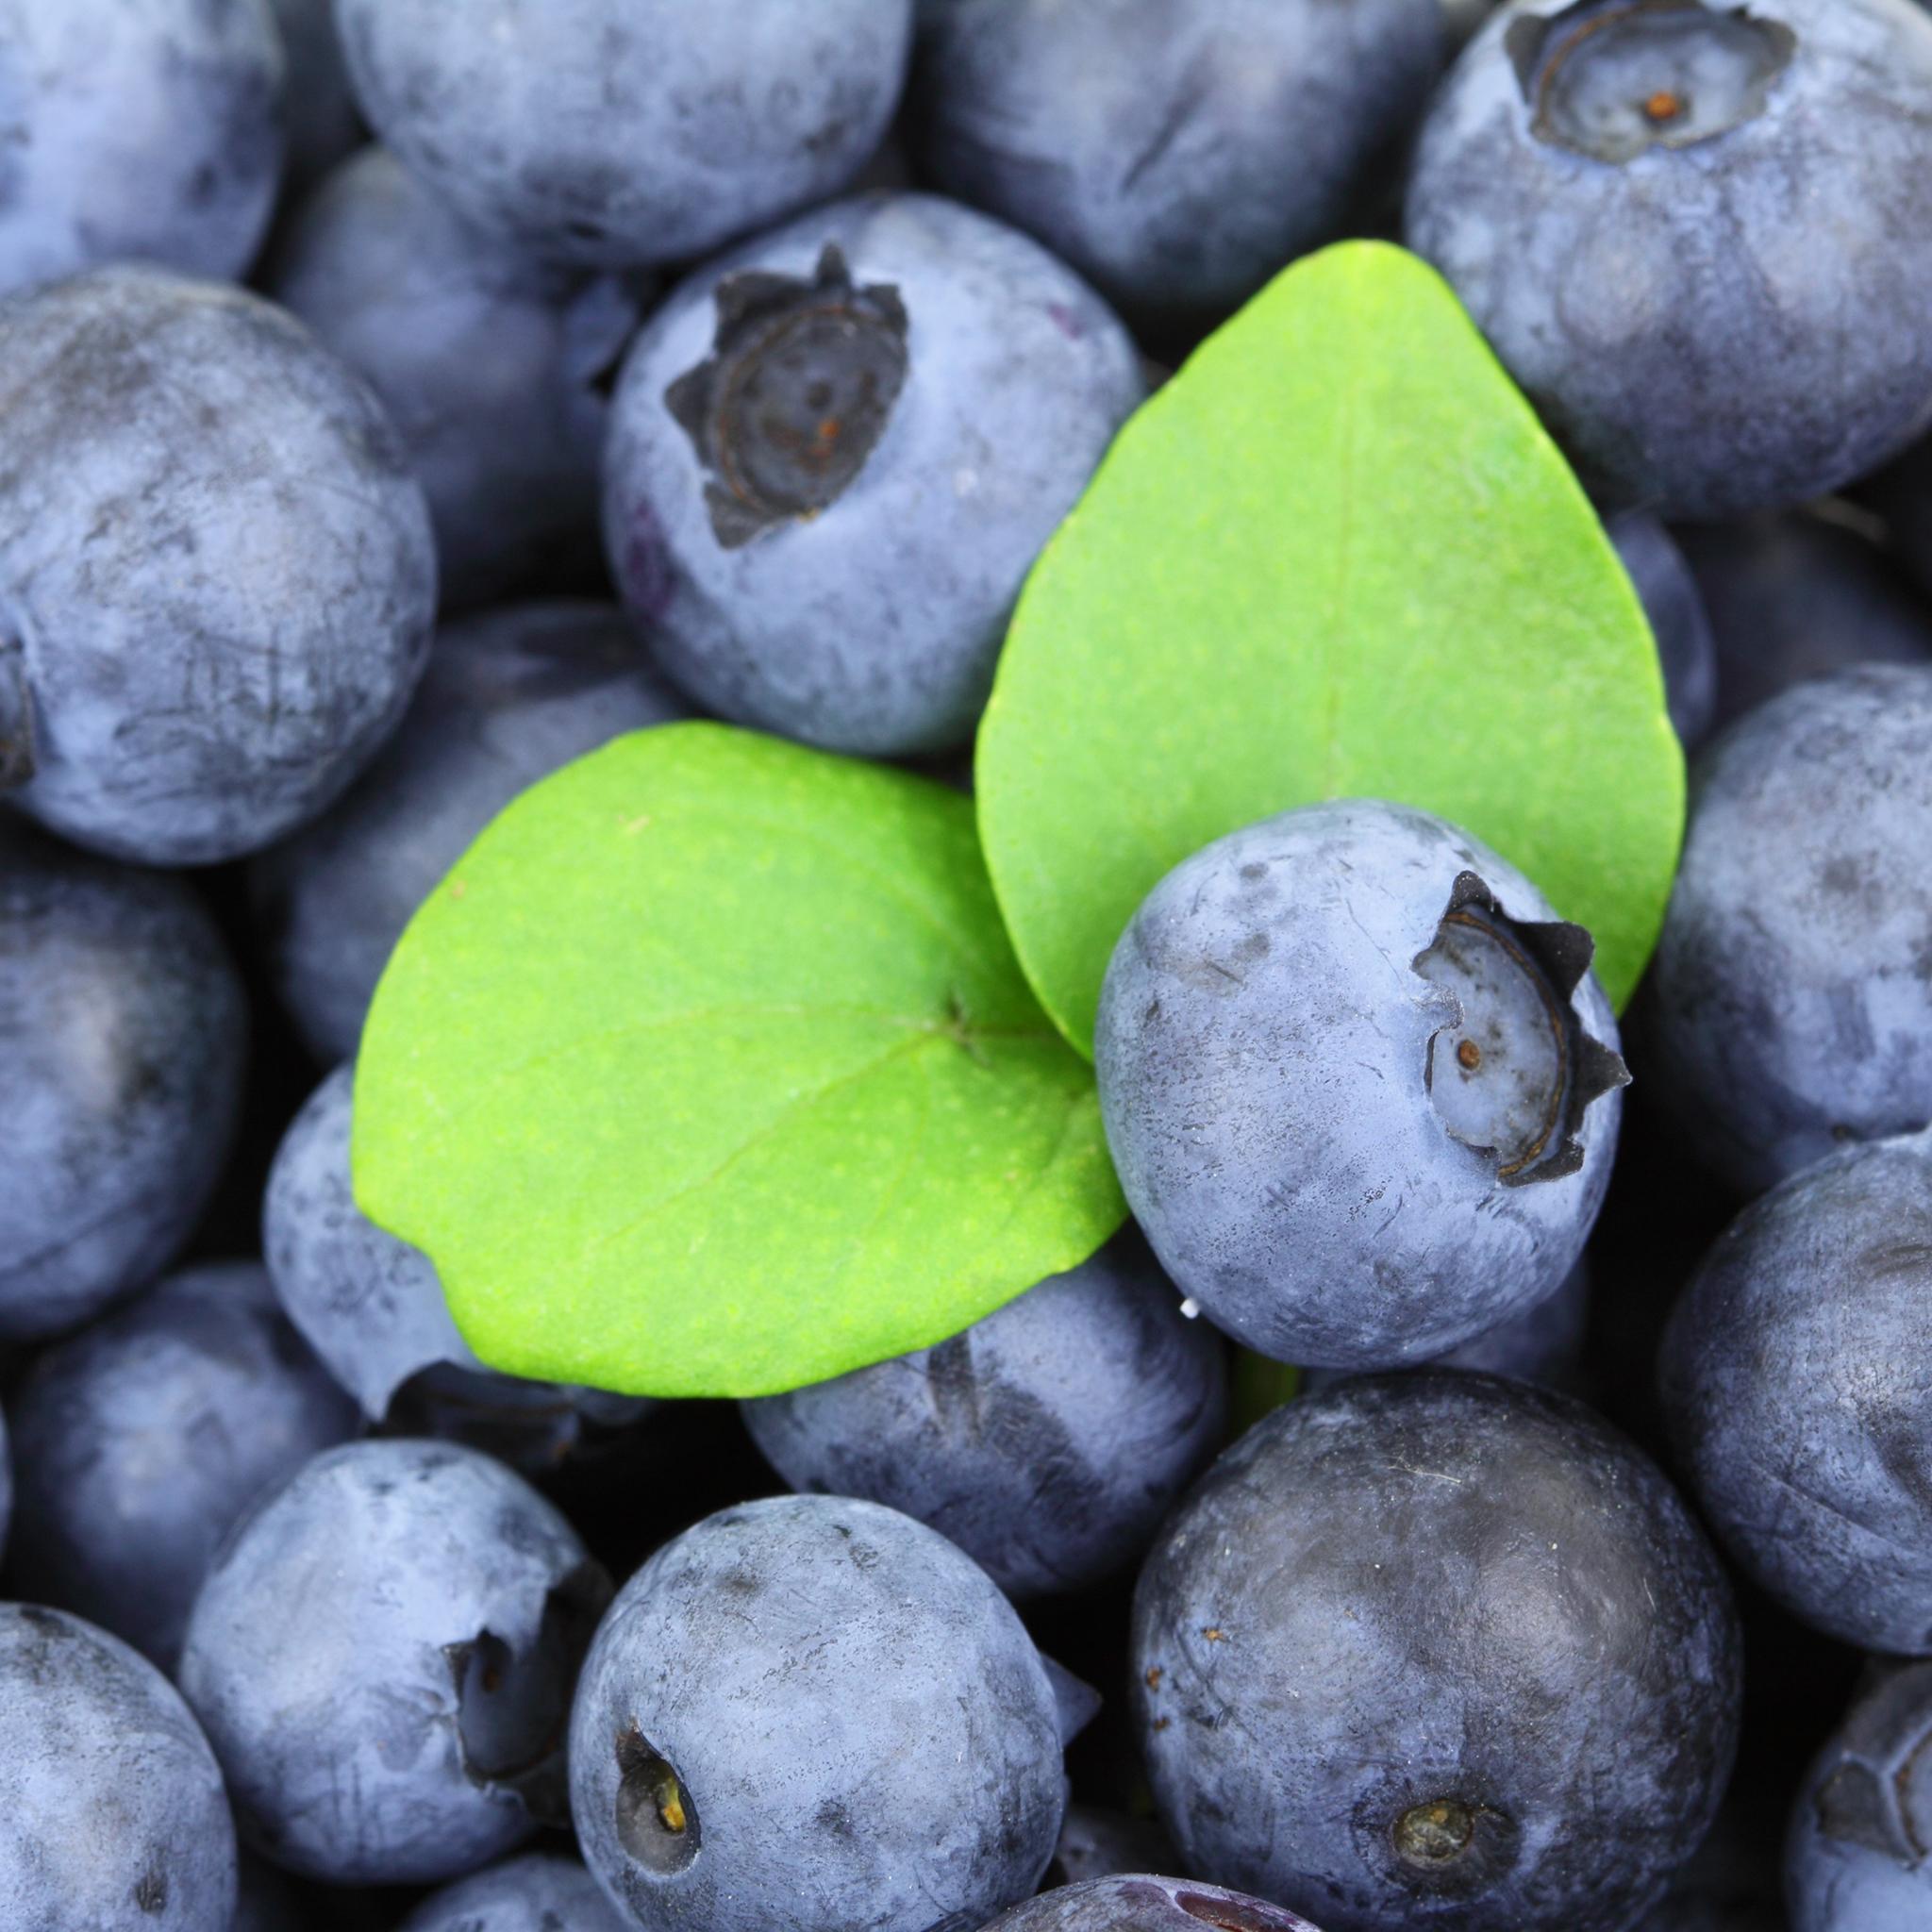 蓝莓 水果 新鲜 叶子